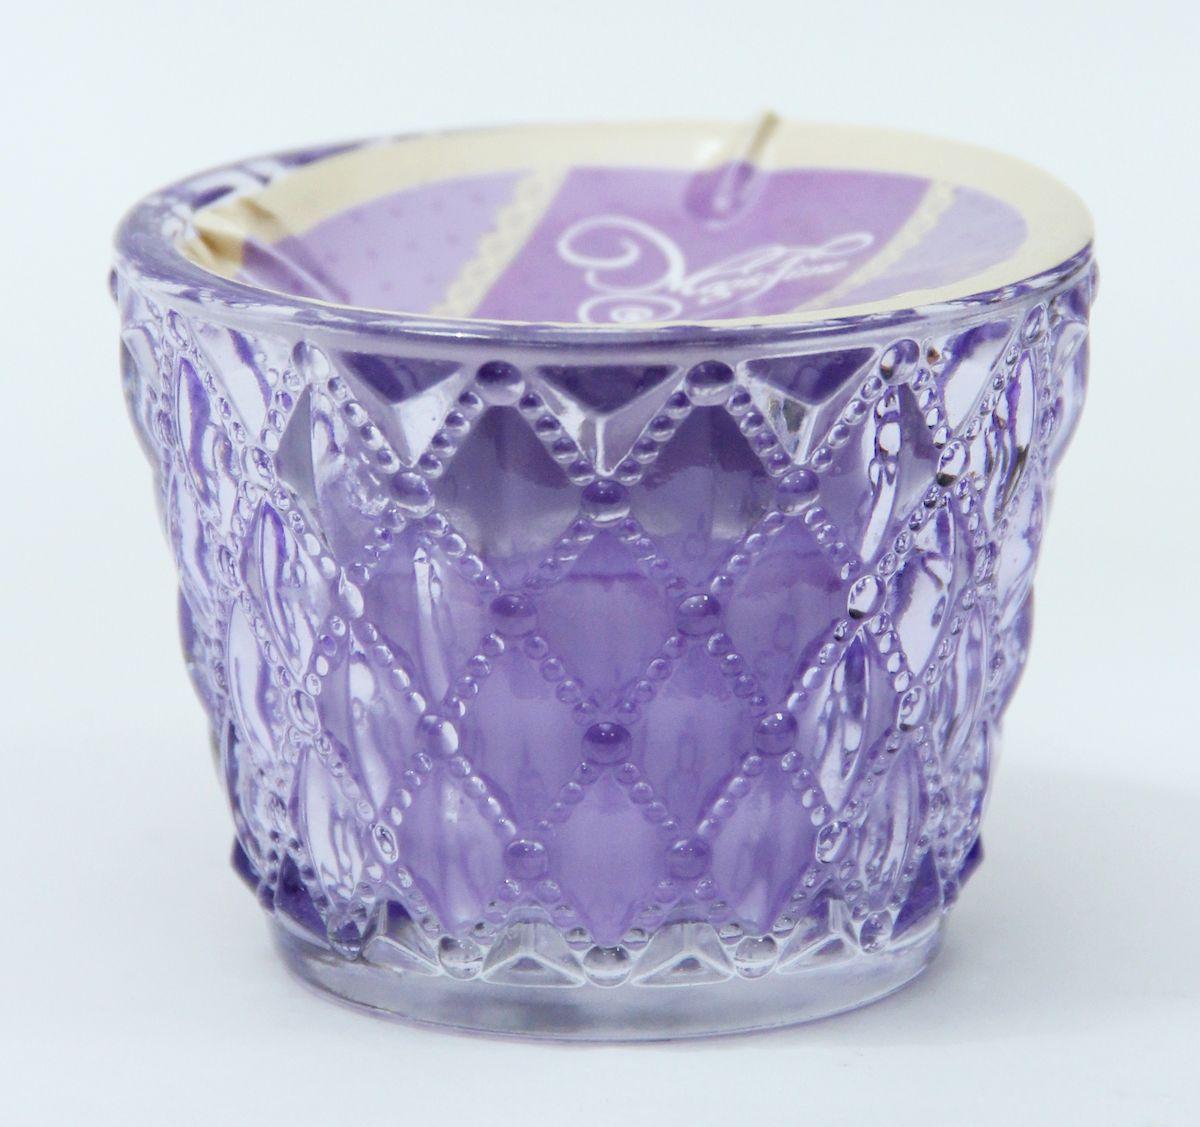 Декоративная ароматизированная свеча Magic Home, аромат Лаванда, 4122841228Оригинальная свеча, с тонким, нежным ароматом, добавит немного романтики и уюта в вашем доме. Такая свеча может стать прекрасным подарком на любой случай.